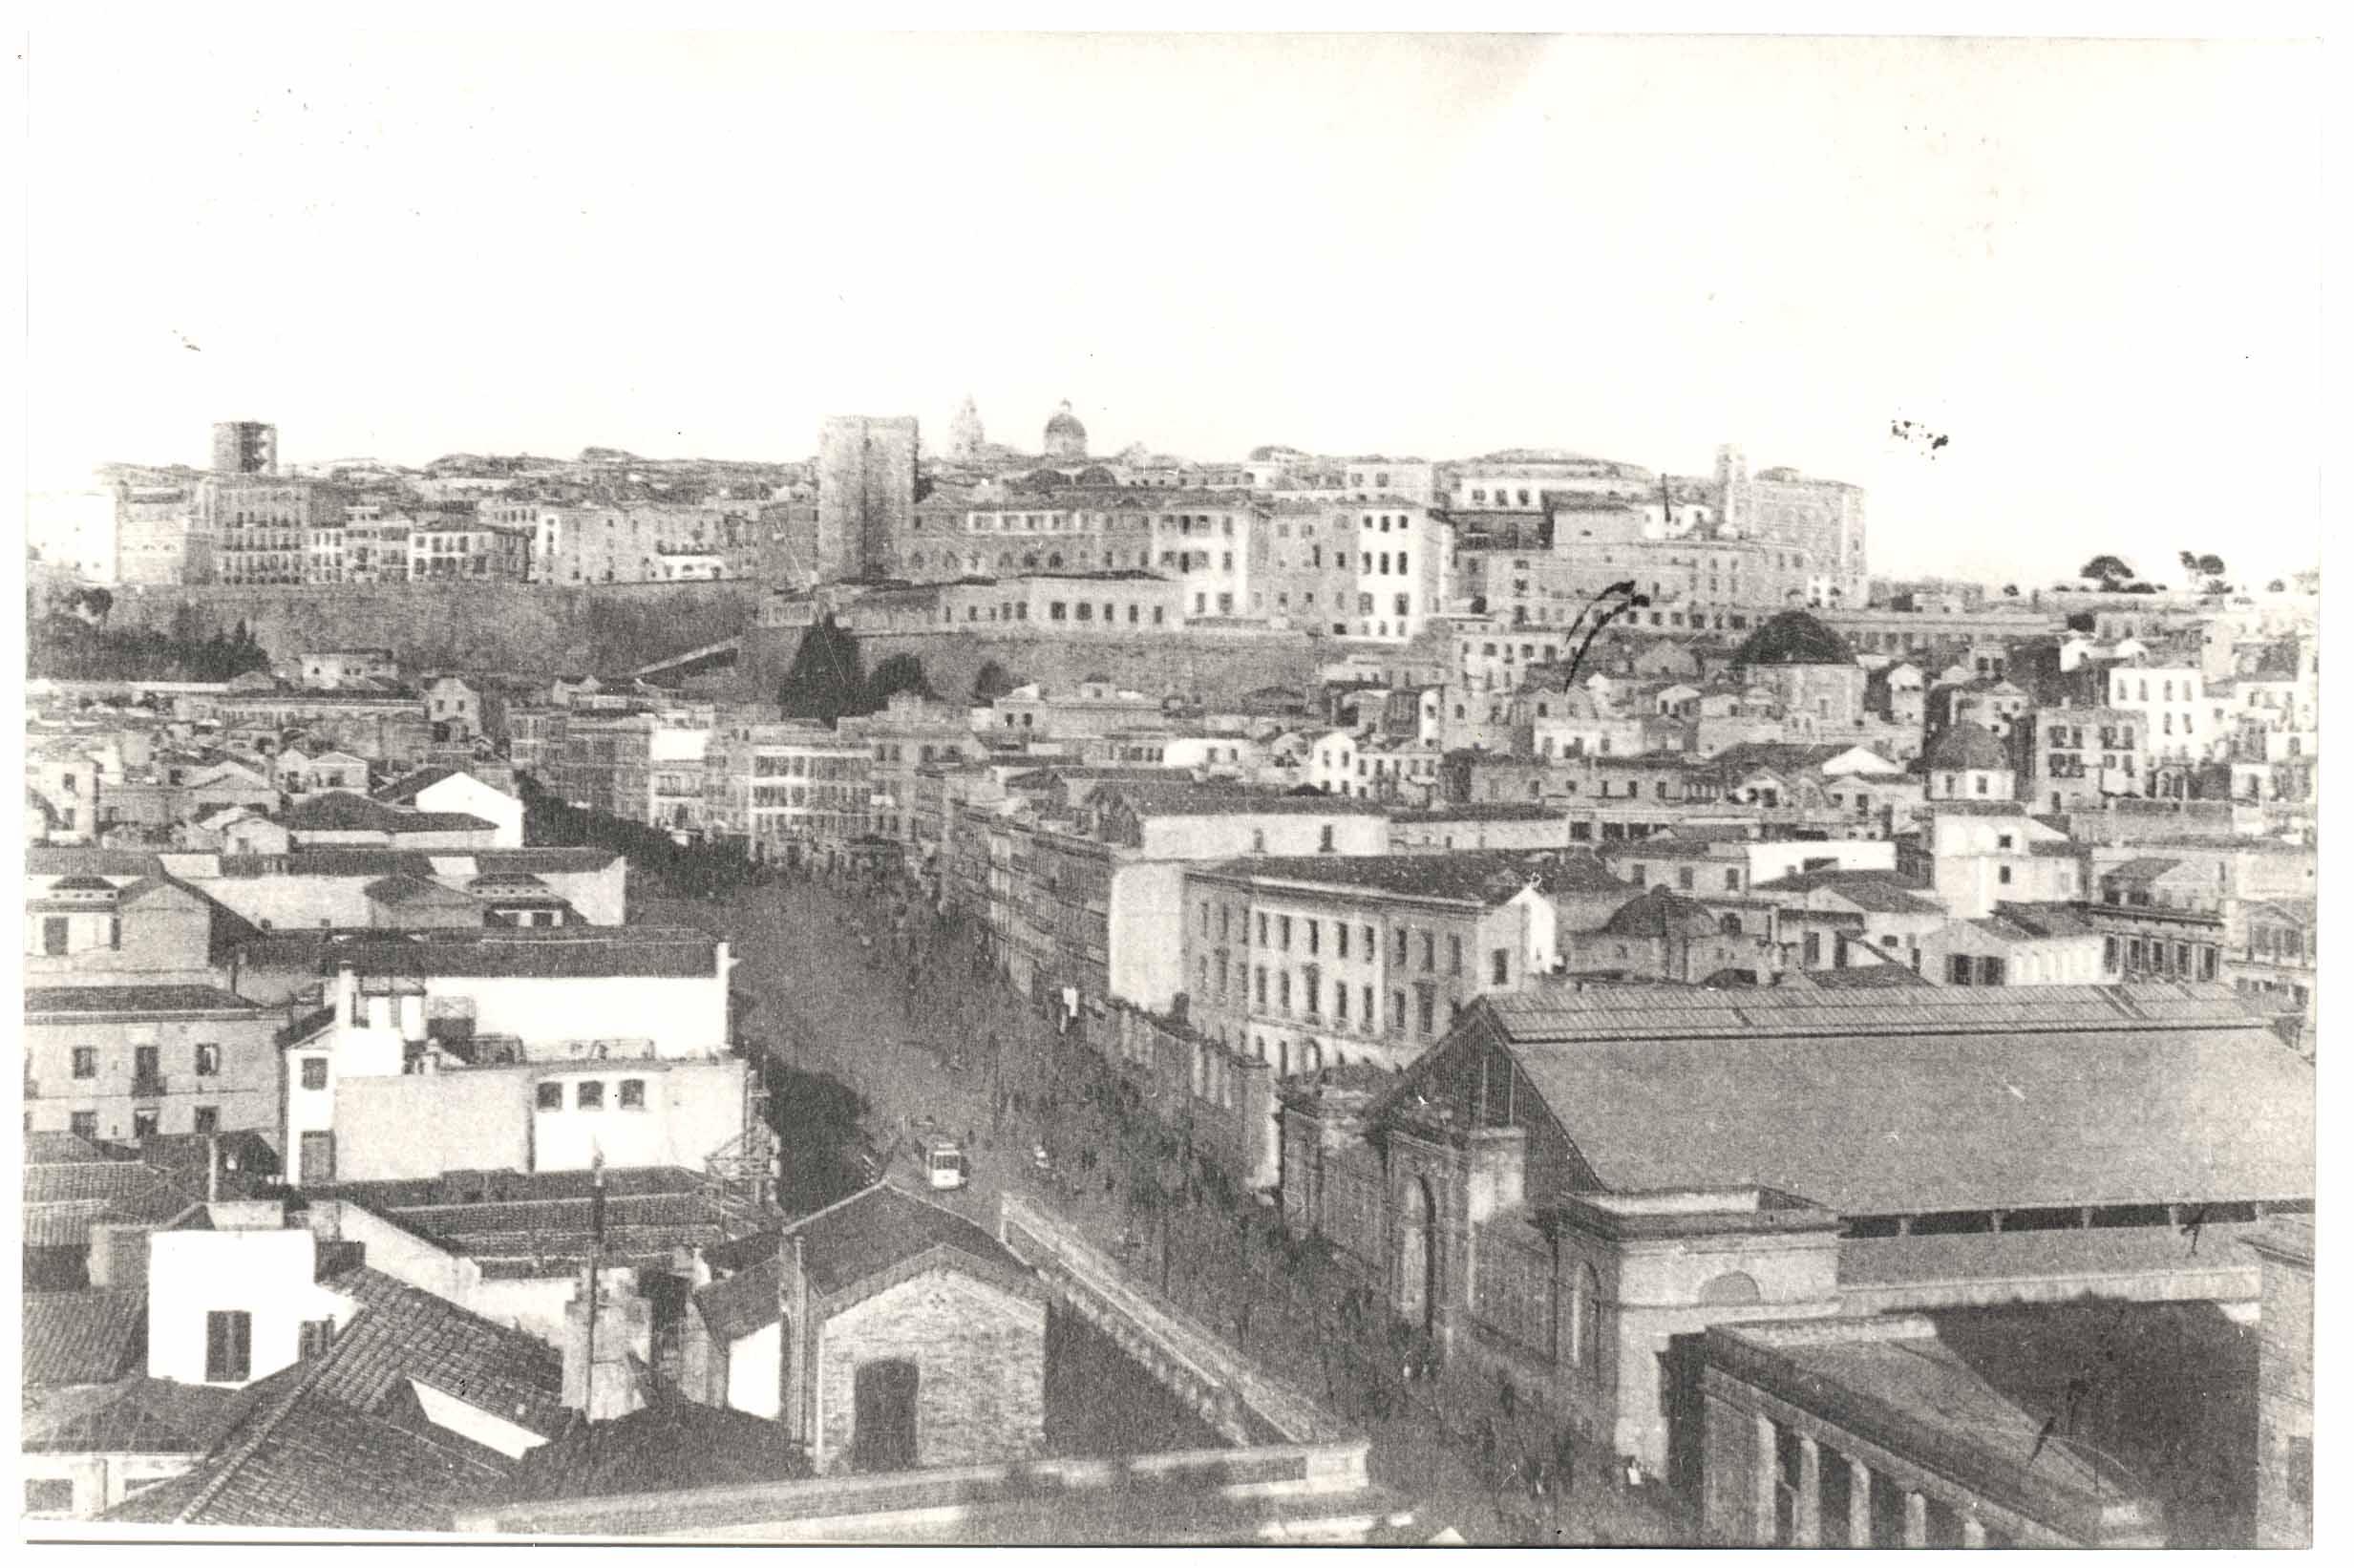 Archivio Comunale - 1950 - Topografia_jpg_foto 0034